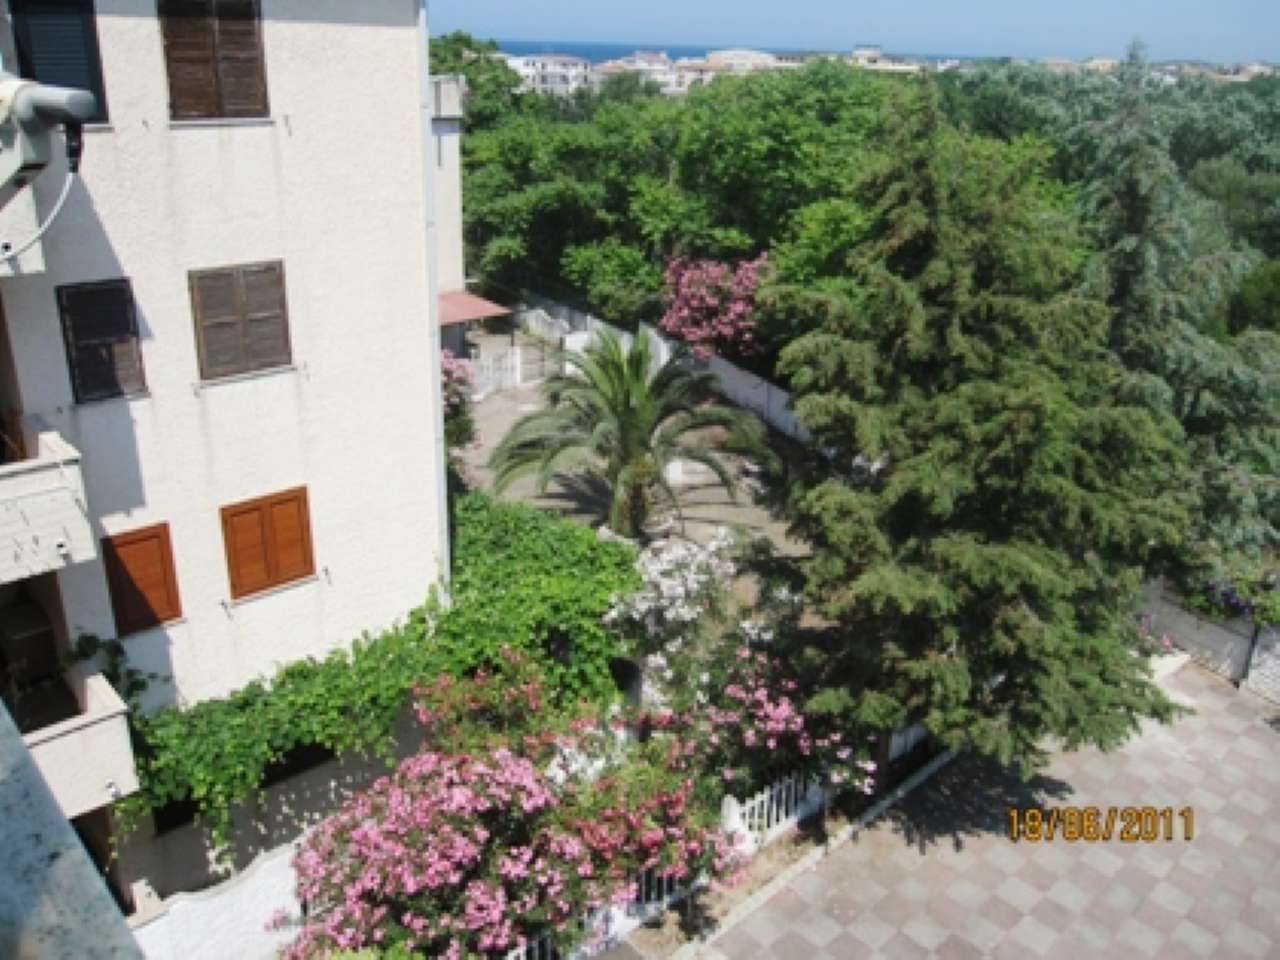 Appartamento in vendita a Cariati, 3 locali, prezzo € 40.000 | CambioCasa.it